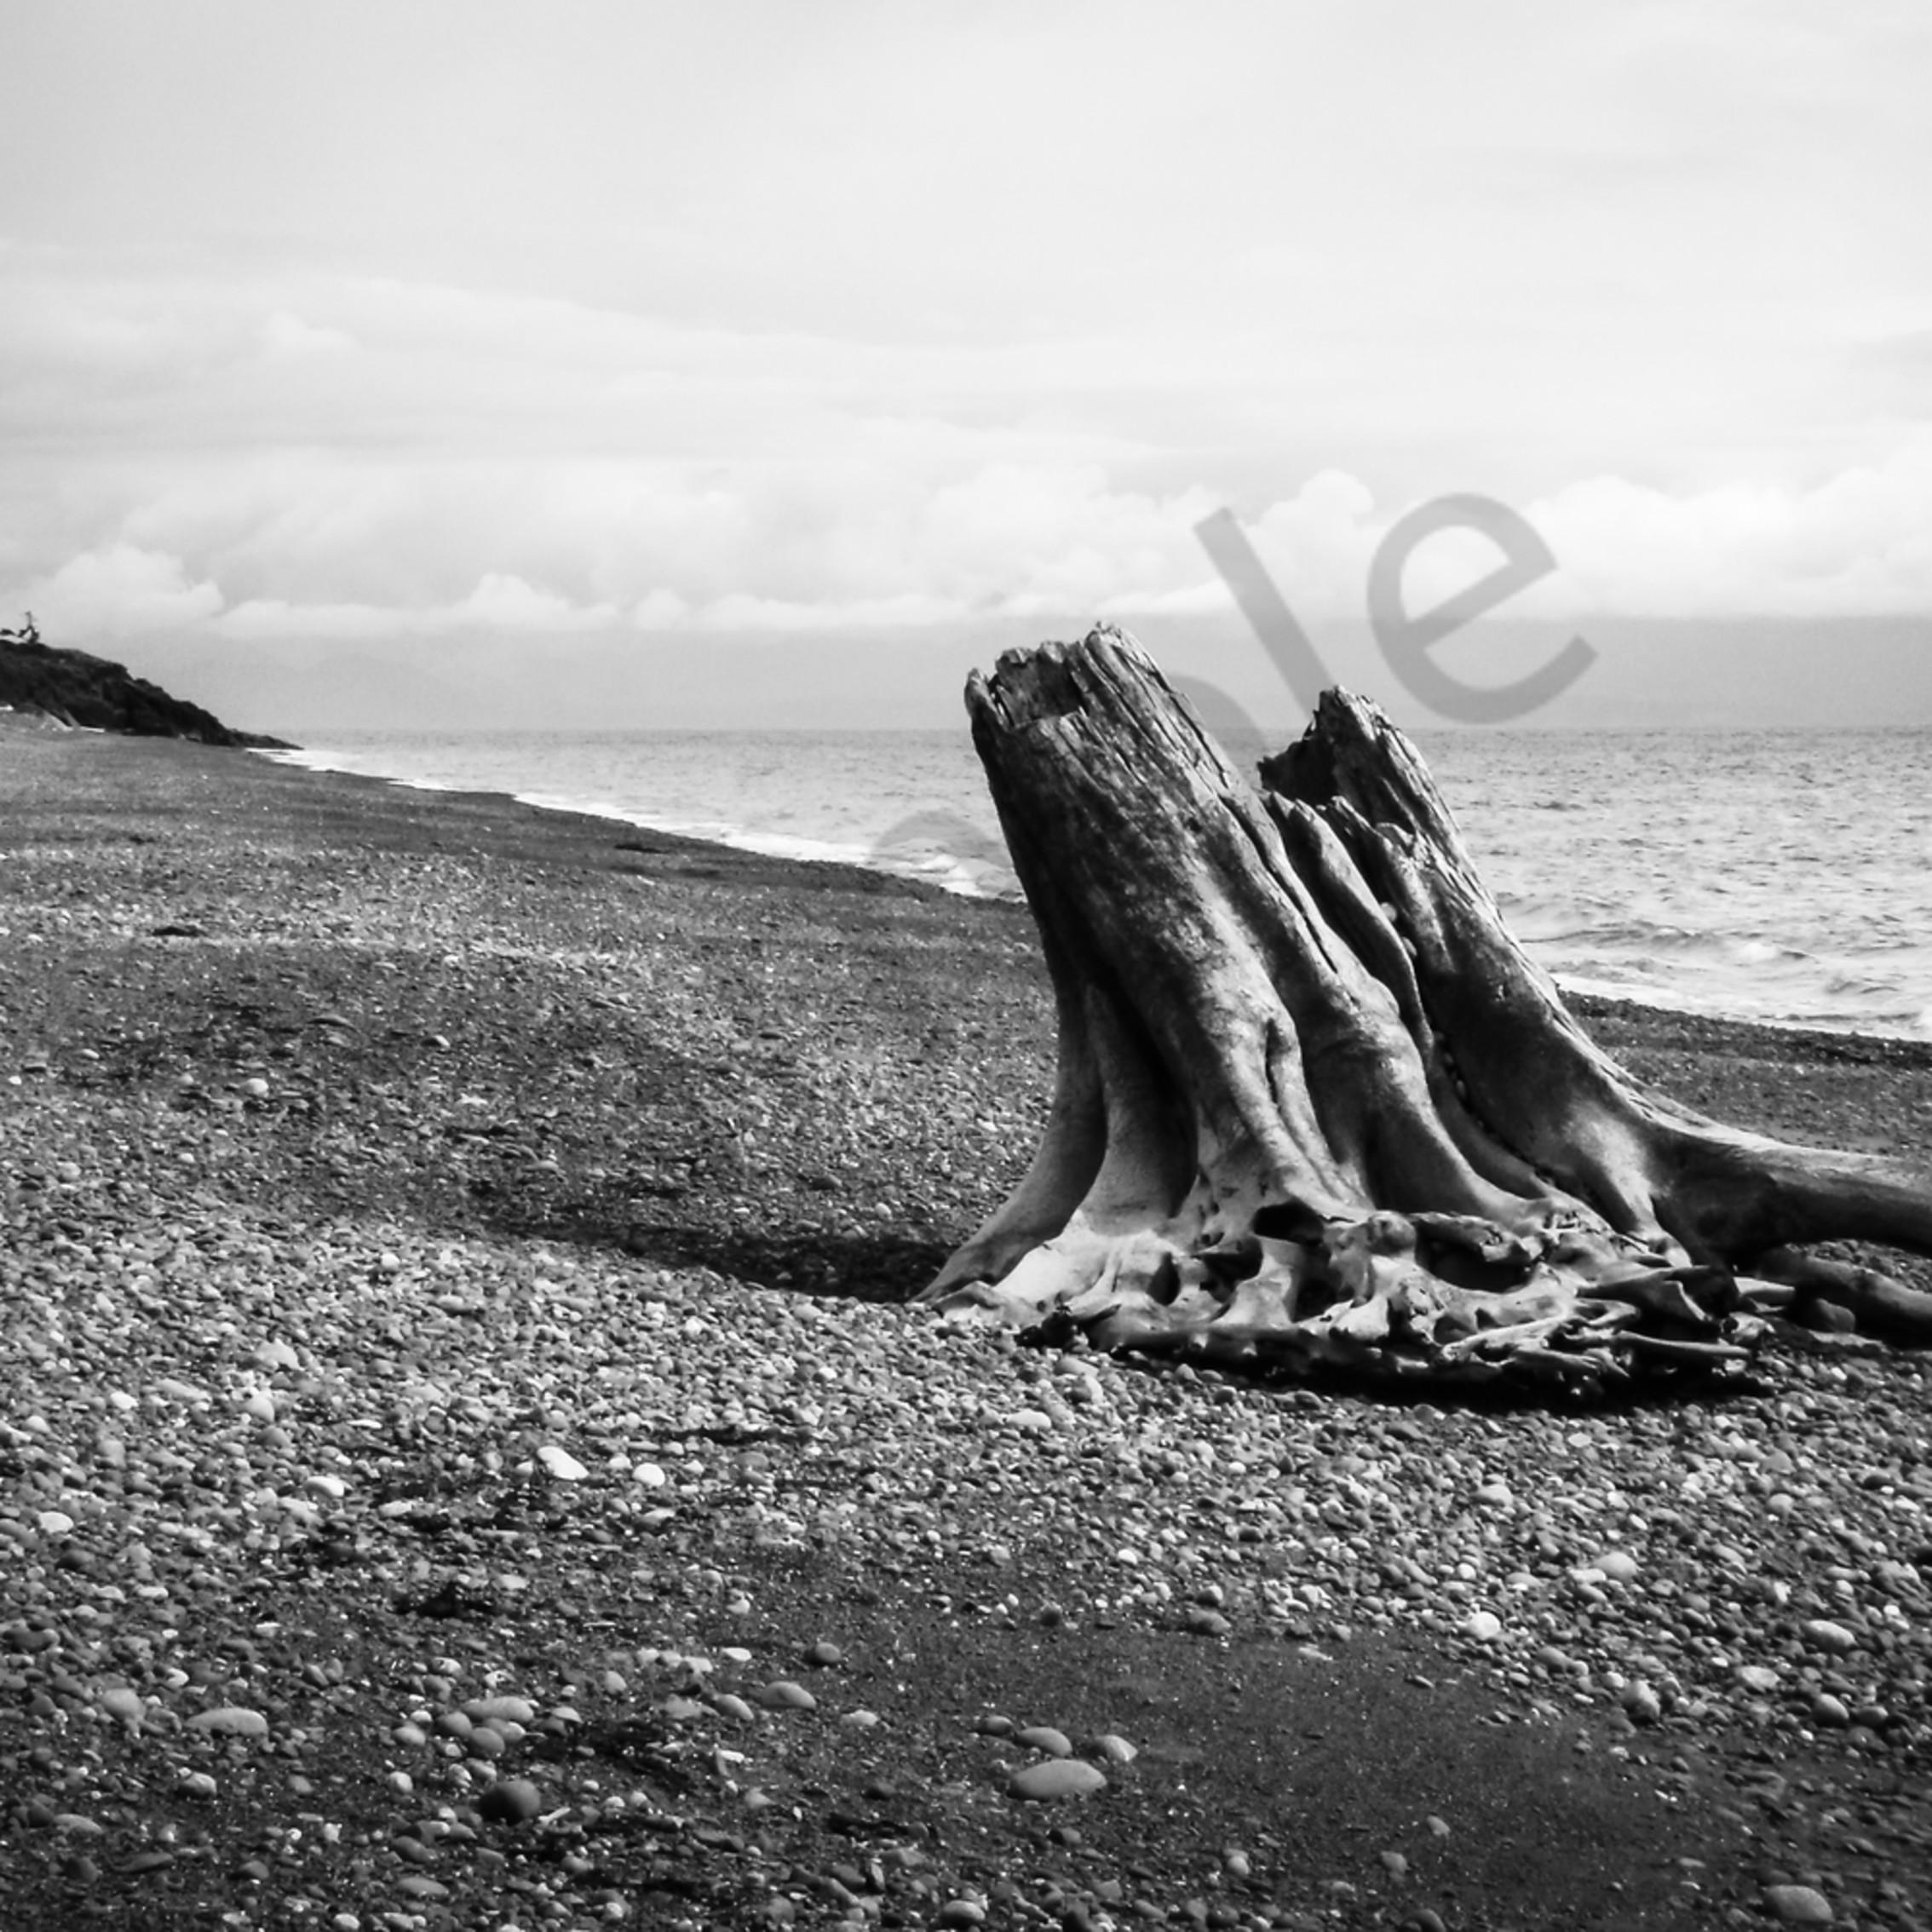 Driftwood on a pebbled beach lpfe2y